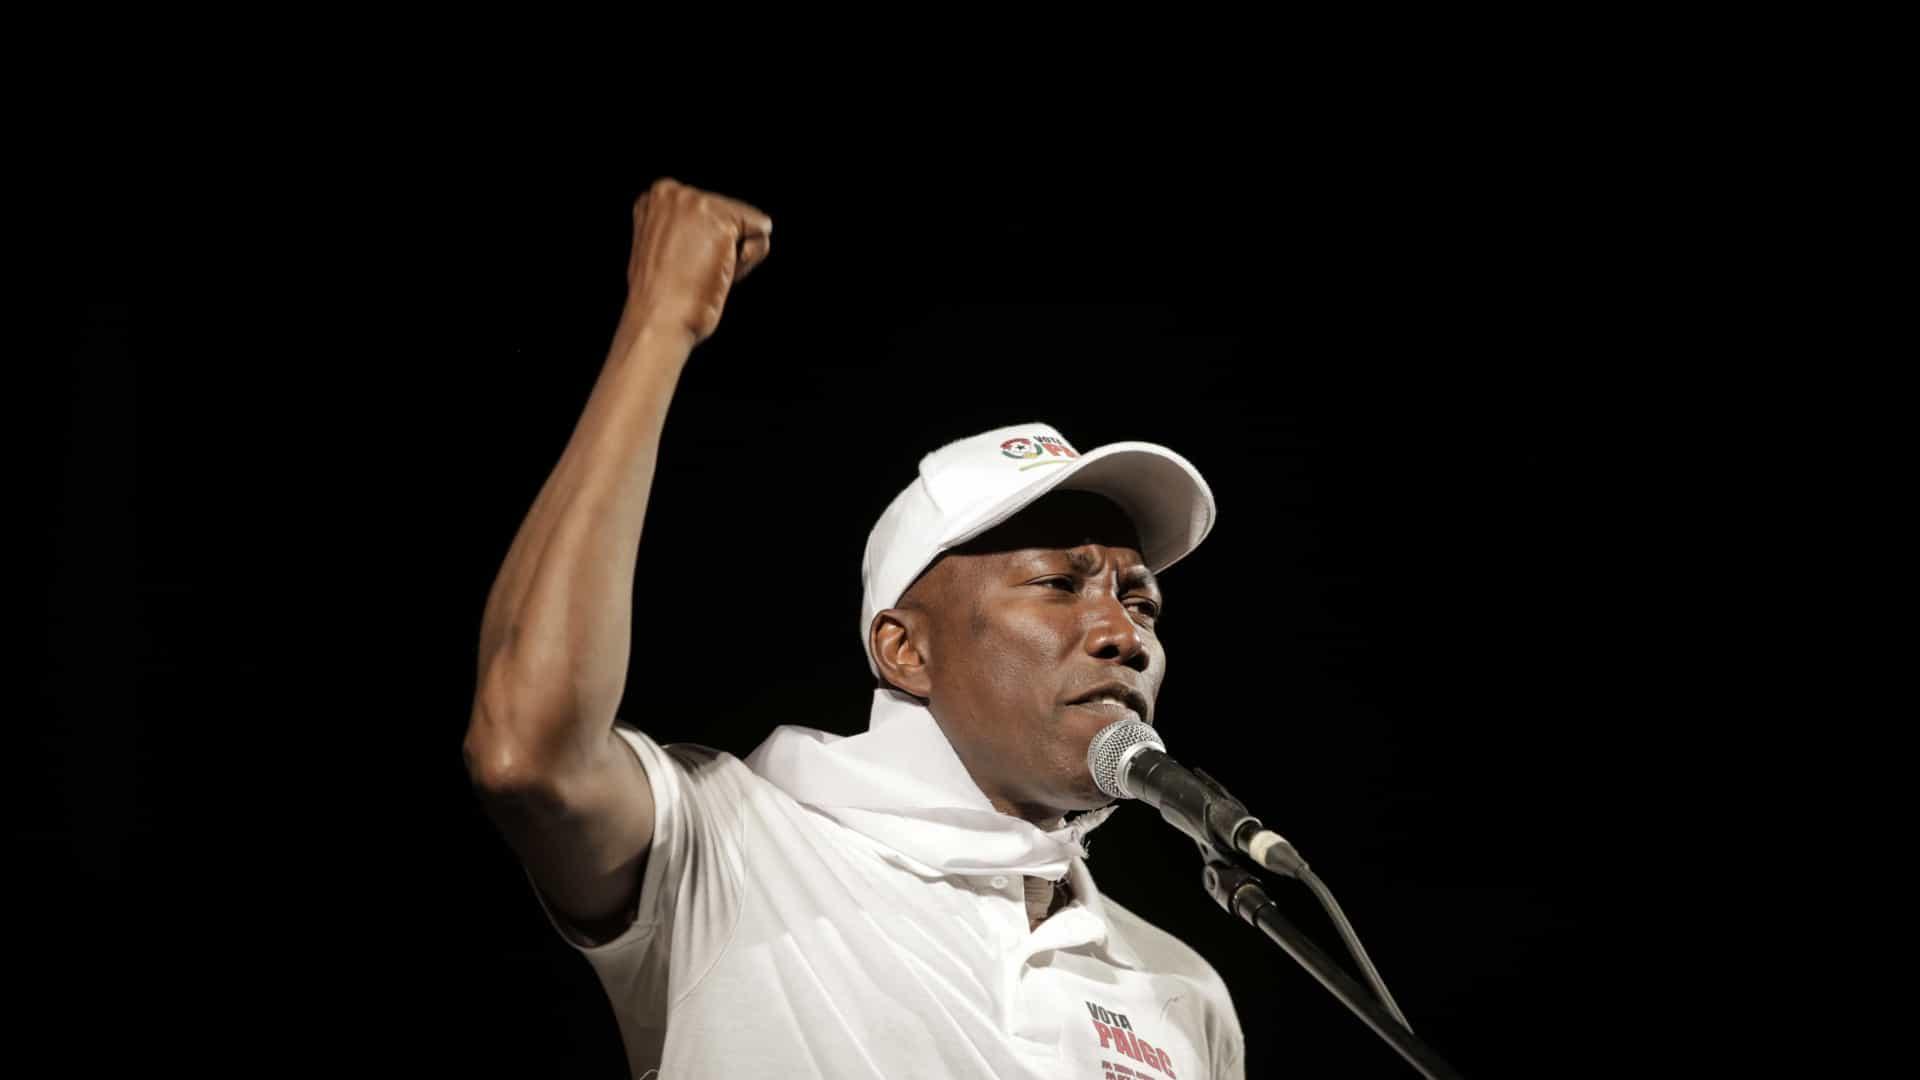 paigc ganha com maioria relativa eleições na guiné-bissau - Domingos Sim  es Pereira - PAIGC ganha com maioria relativa eleições na Guiné-Bissau